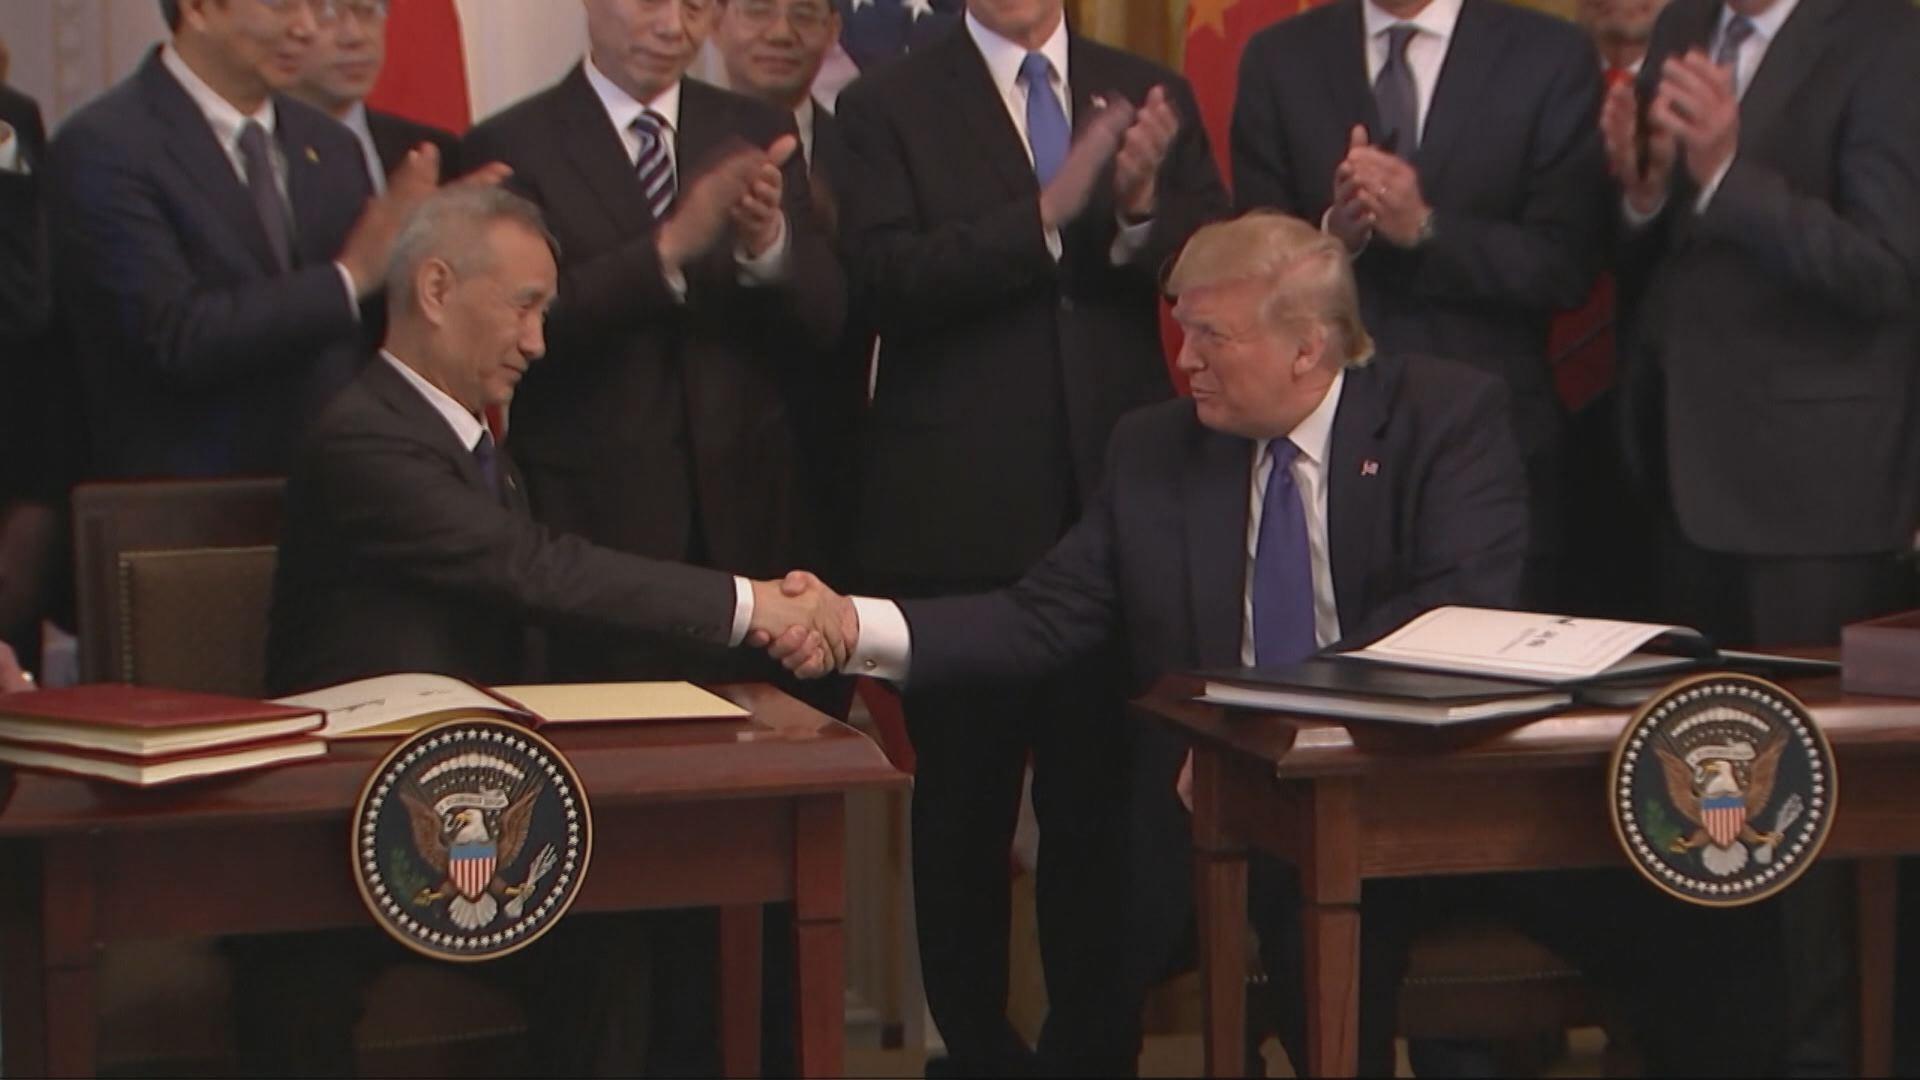 미중, 무역갈등 18개월만 1단계 합의에 서명…새로운 불씨 가능성도